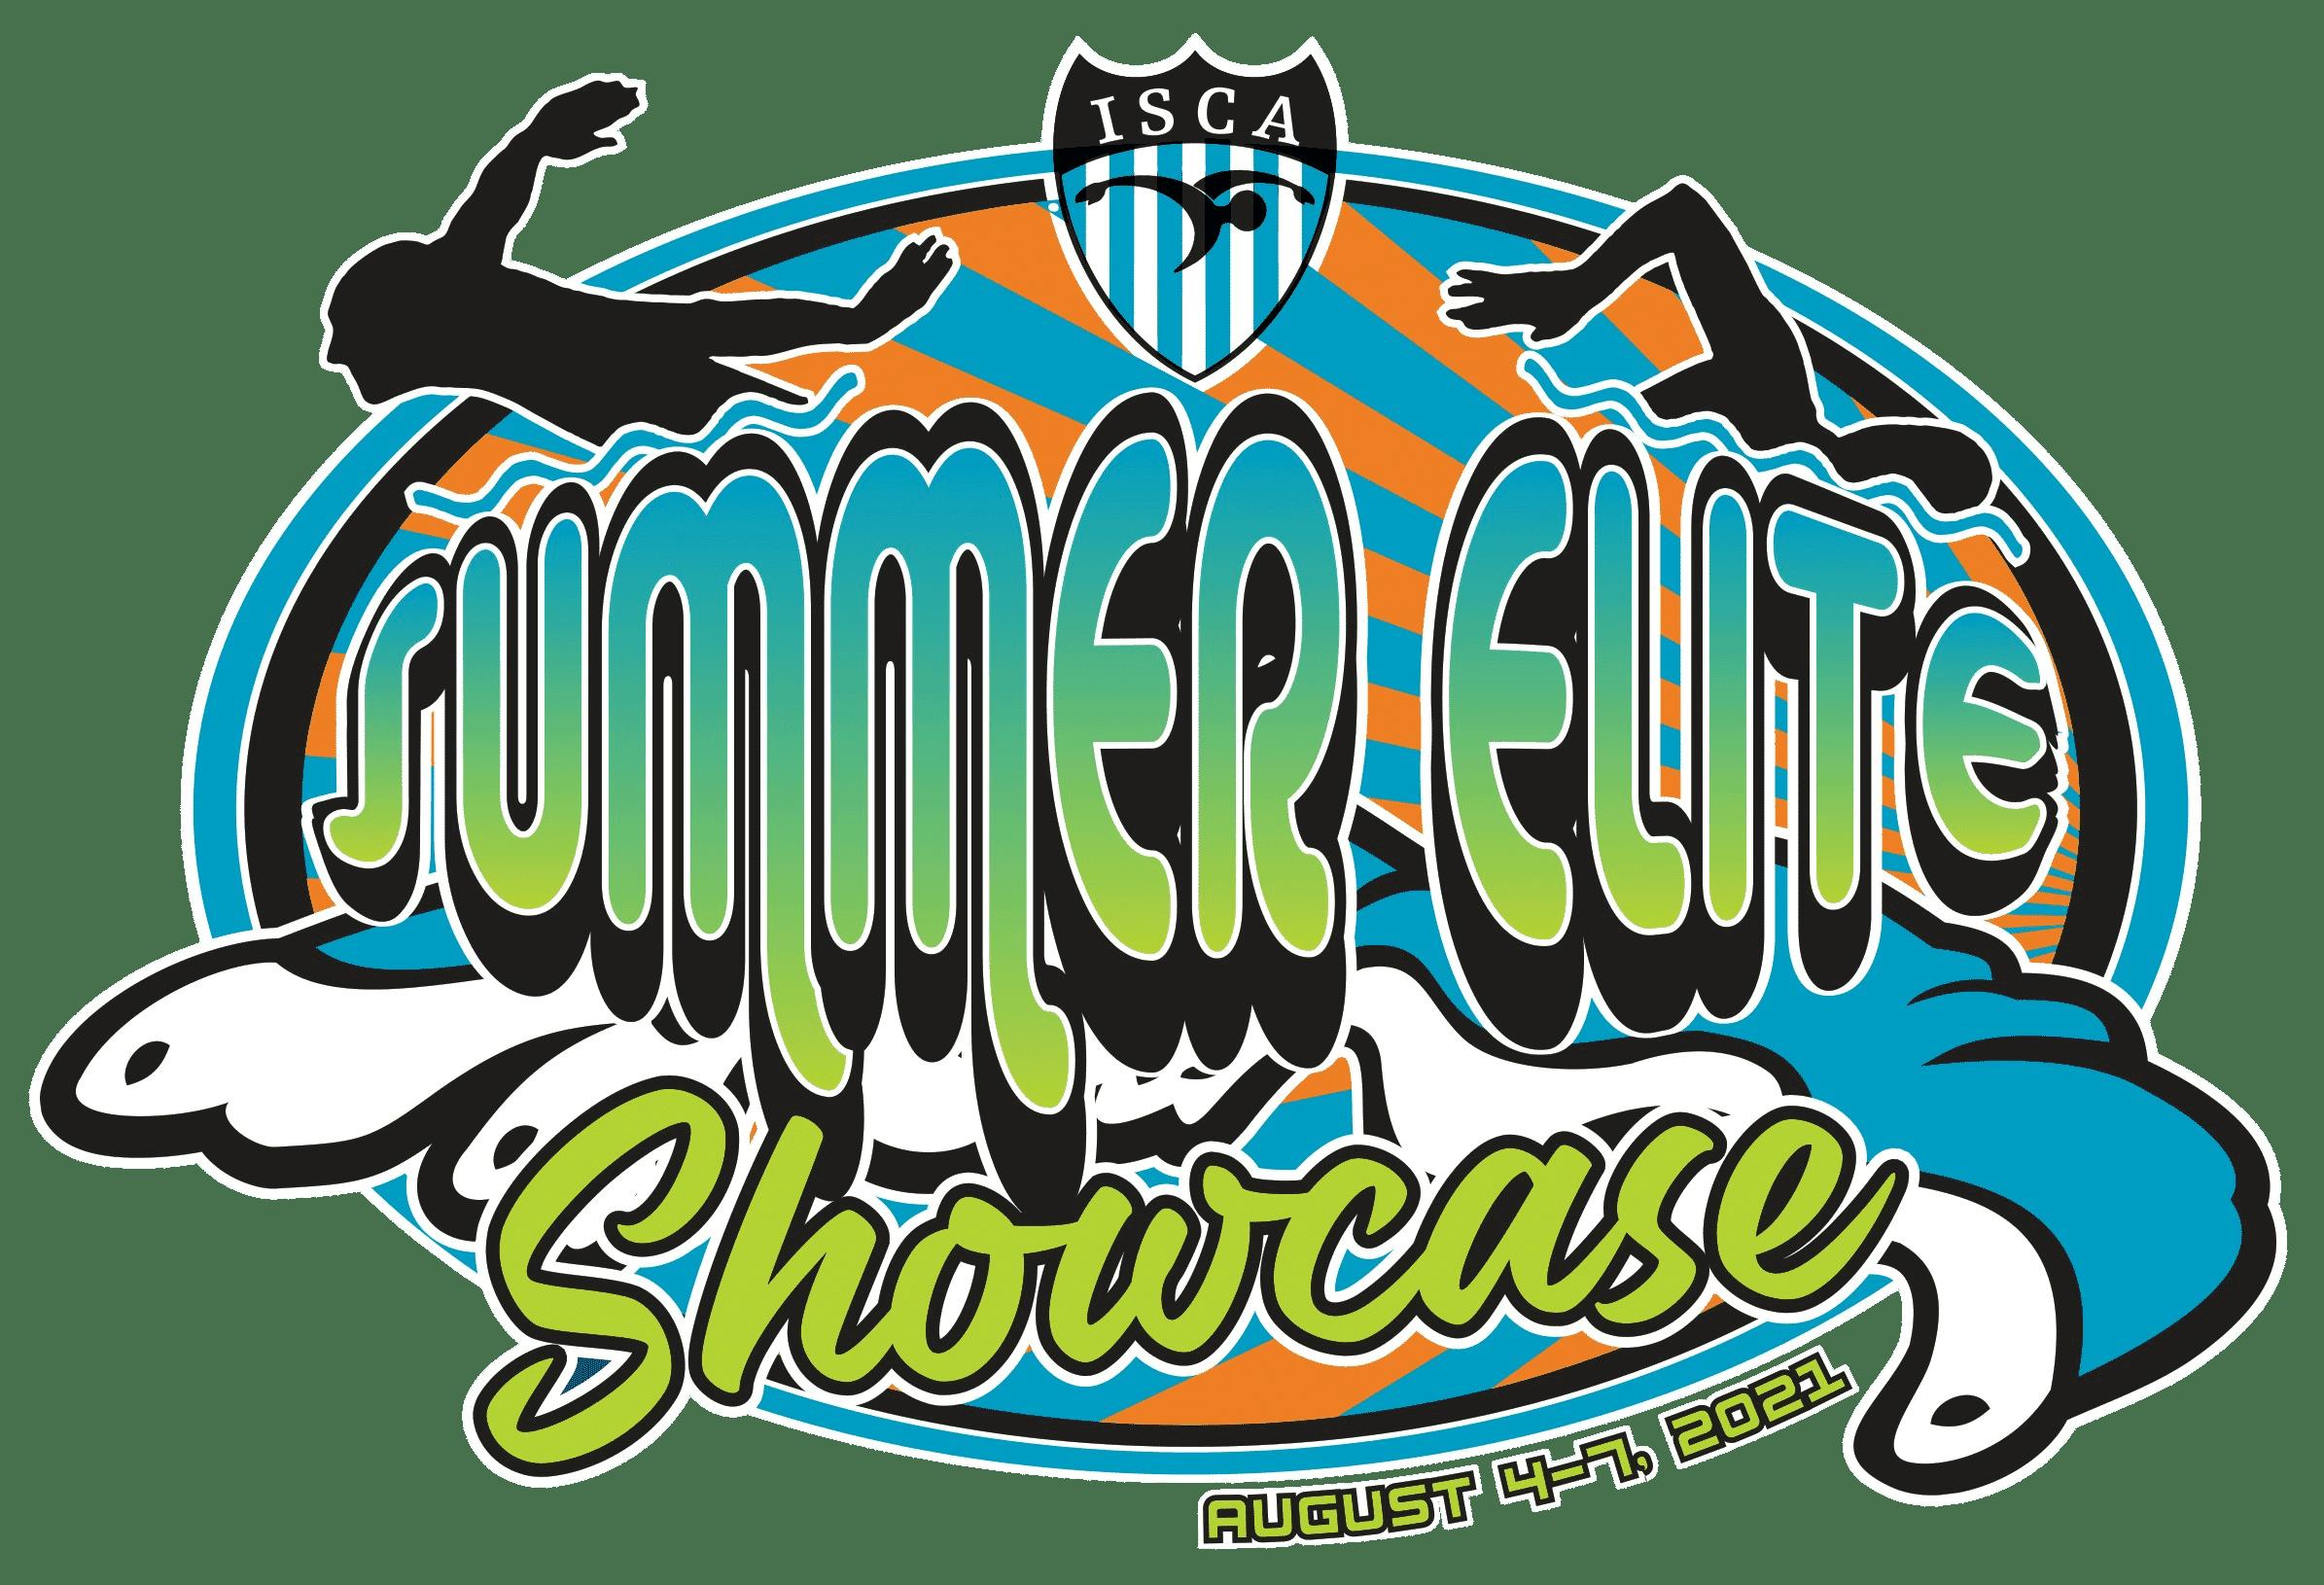 ISCA Summer Elite Showcase 2021 meet logo